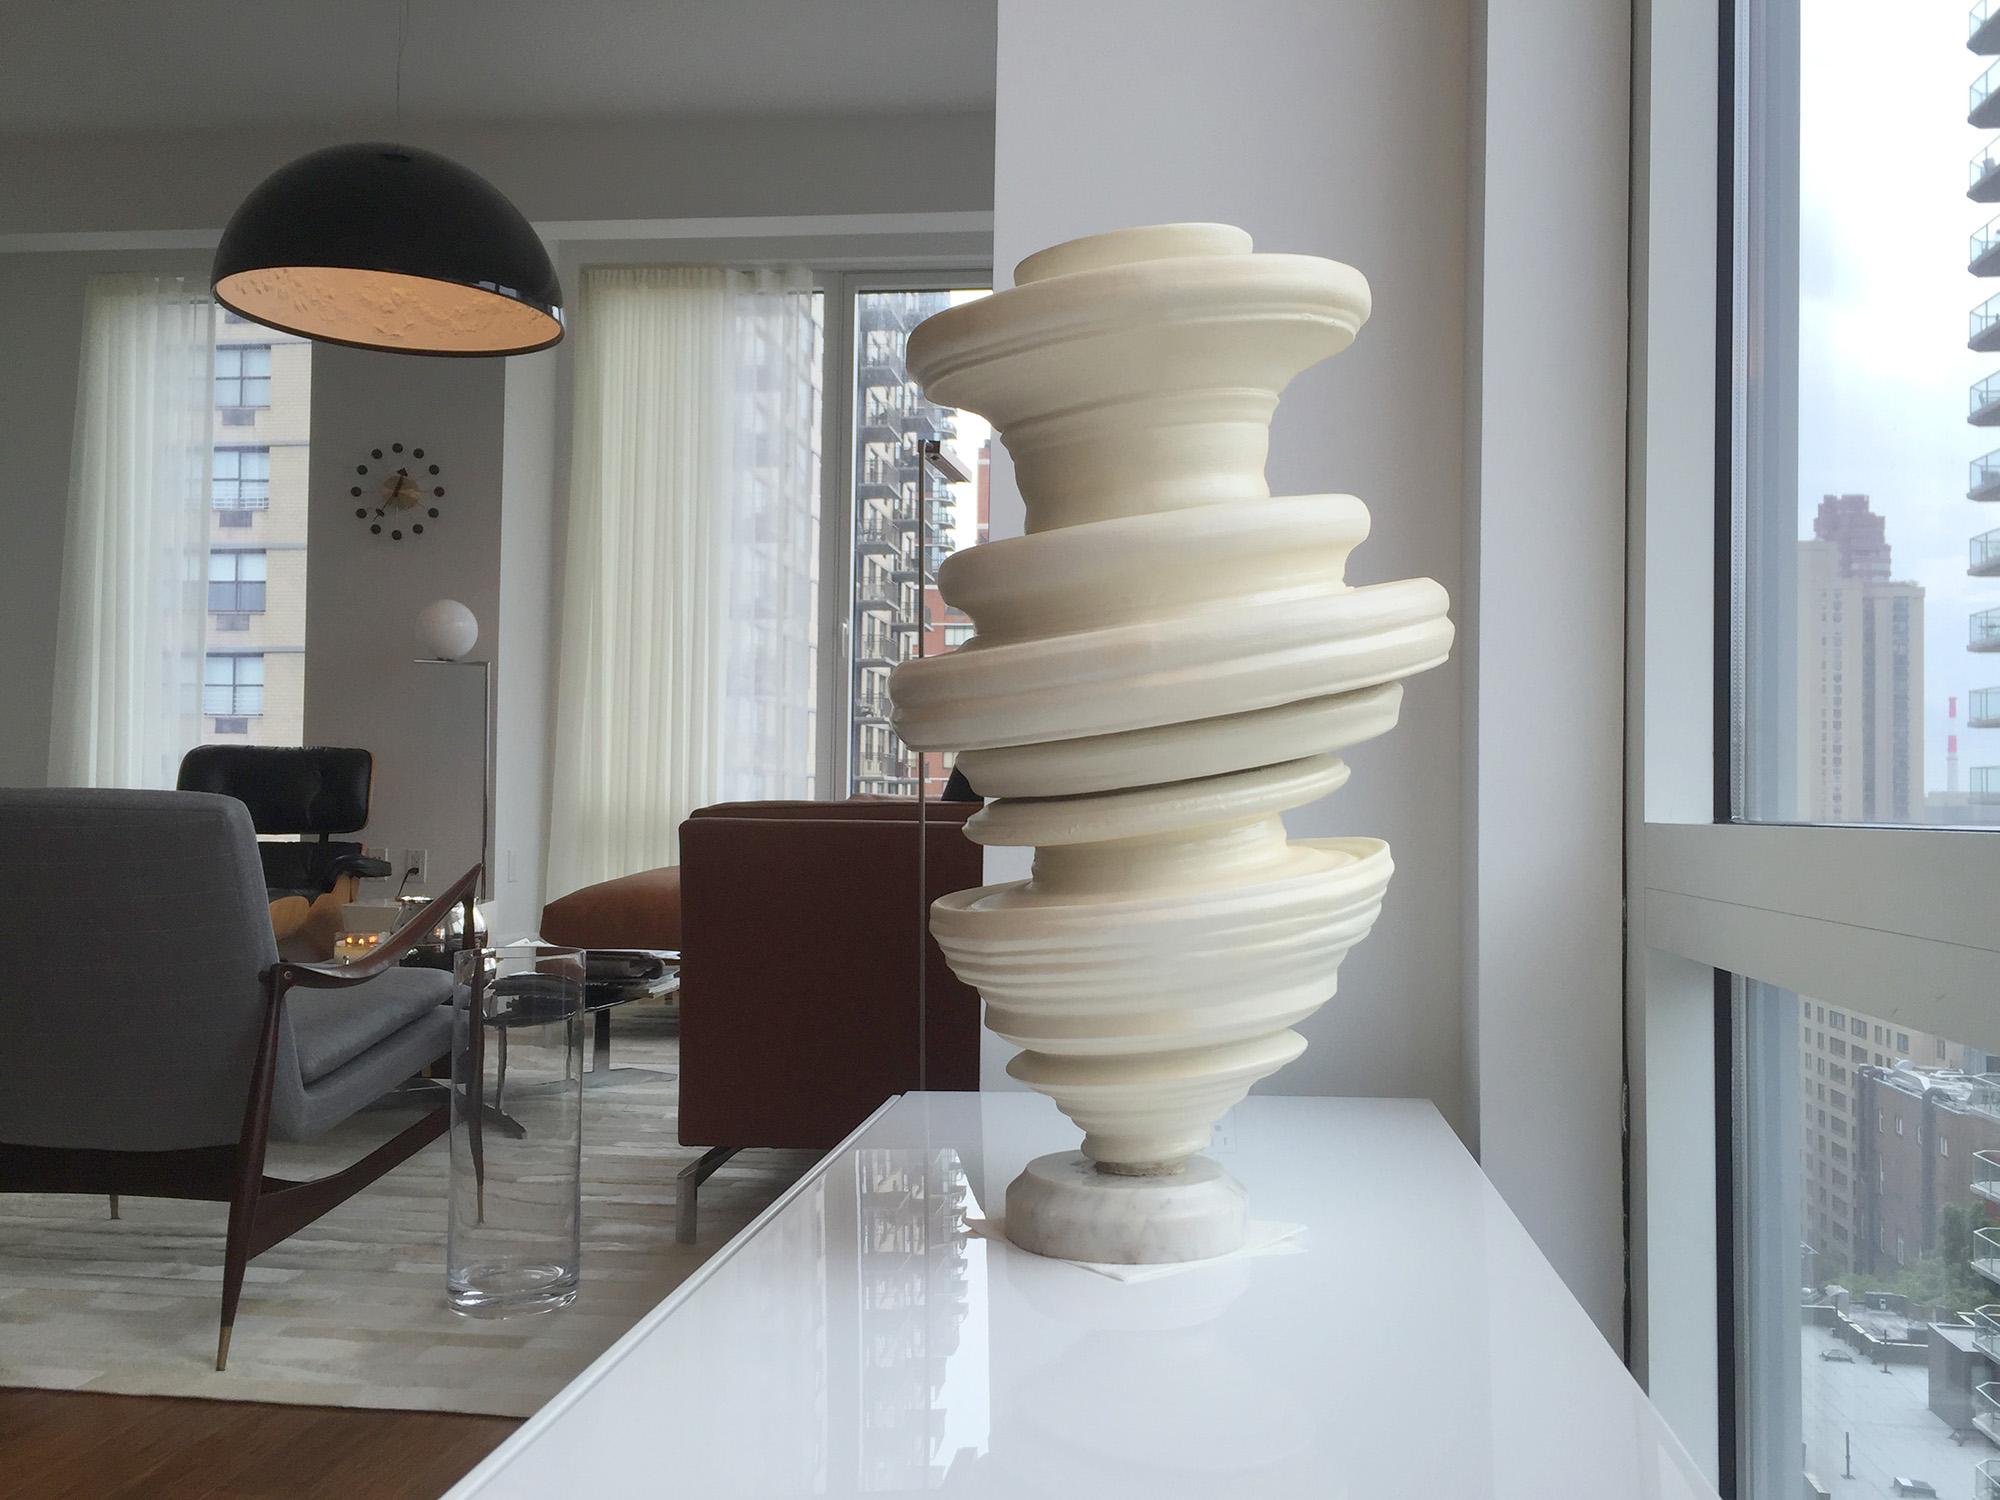 ben dierckx sculpture baseline